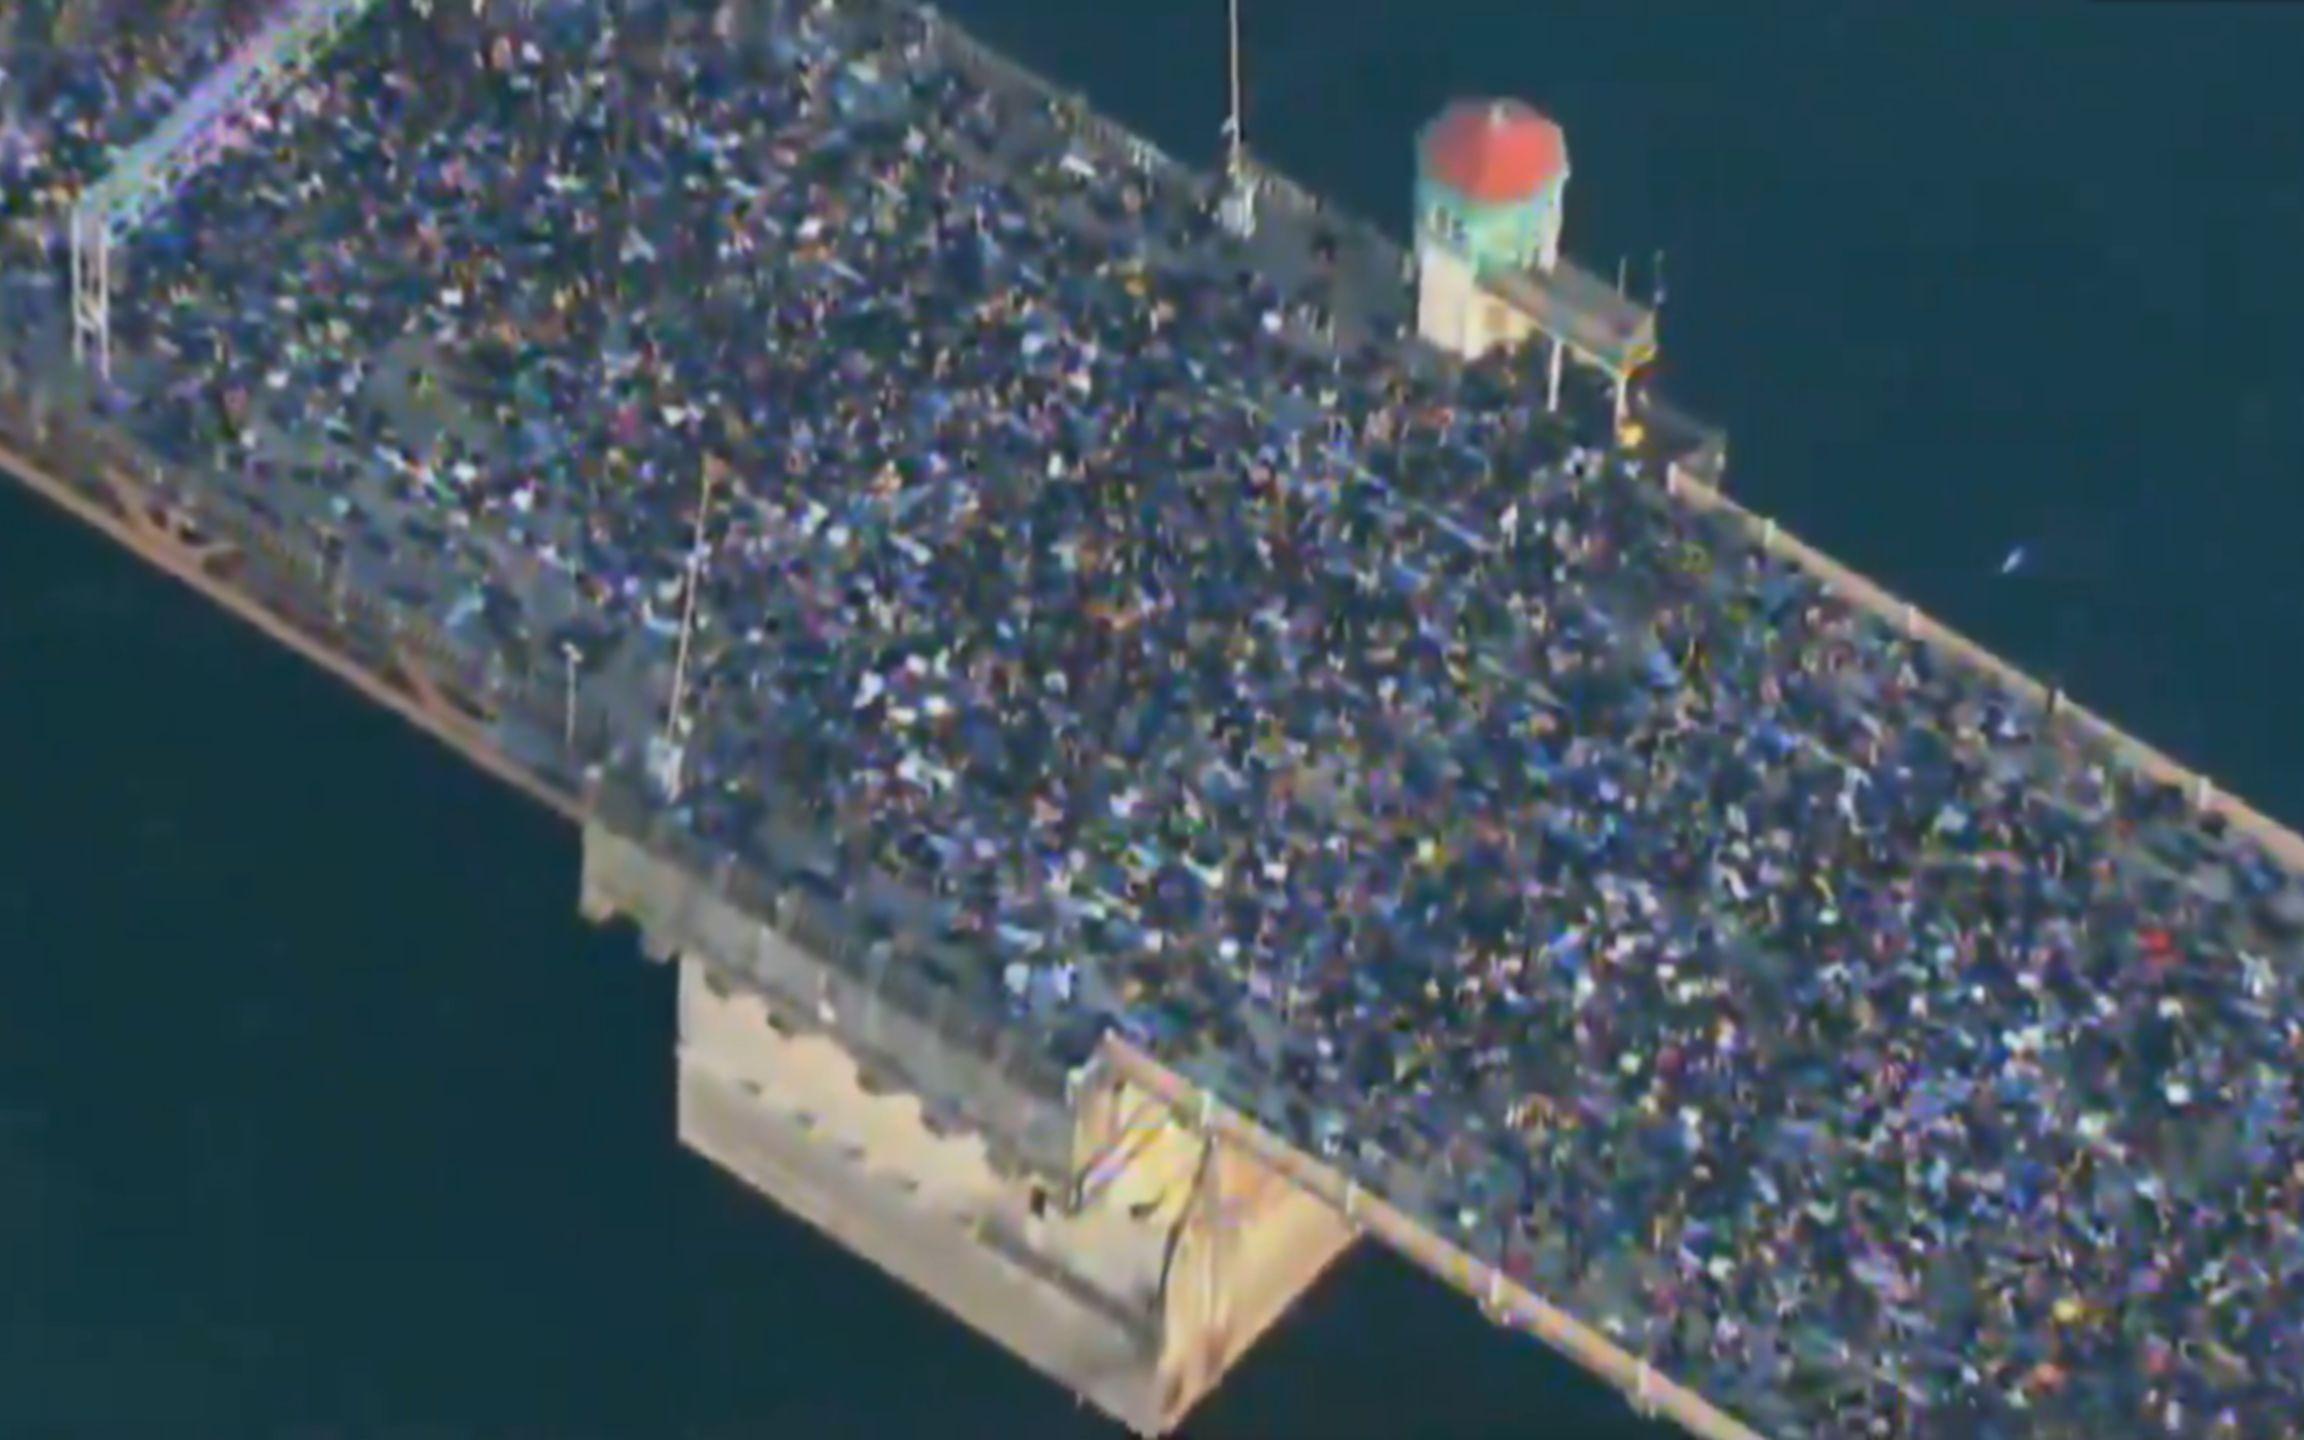 场面震撼!数以千计抗议者趴倒一片 模仿黑人男子生前最后姿势